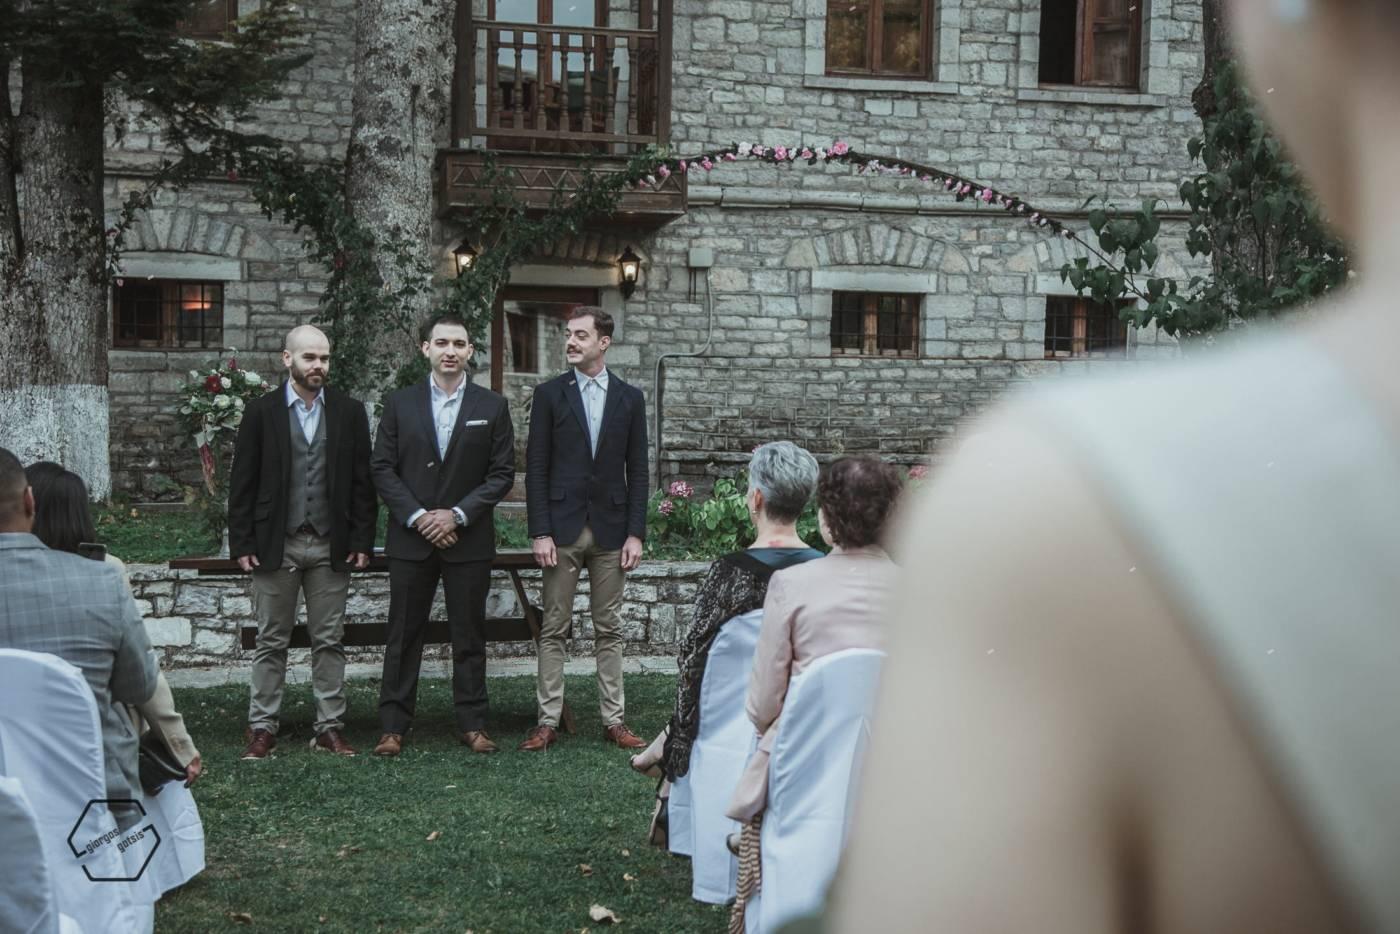 φωτογραφίες πολιτικού γάμου